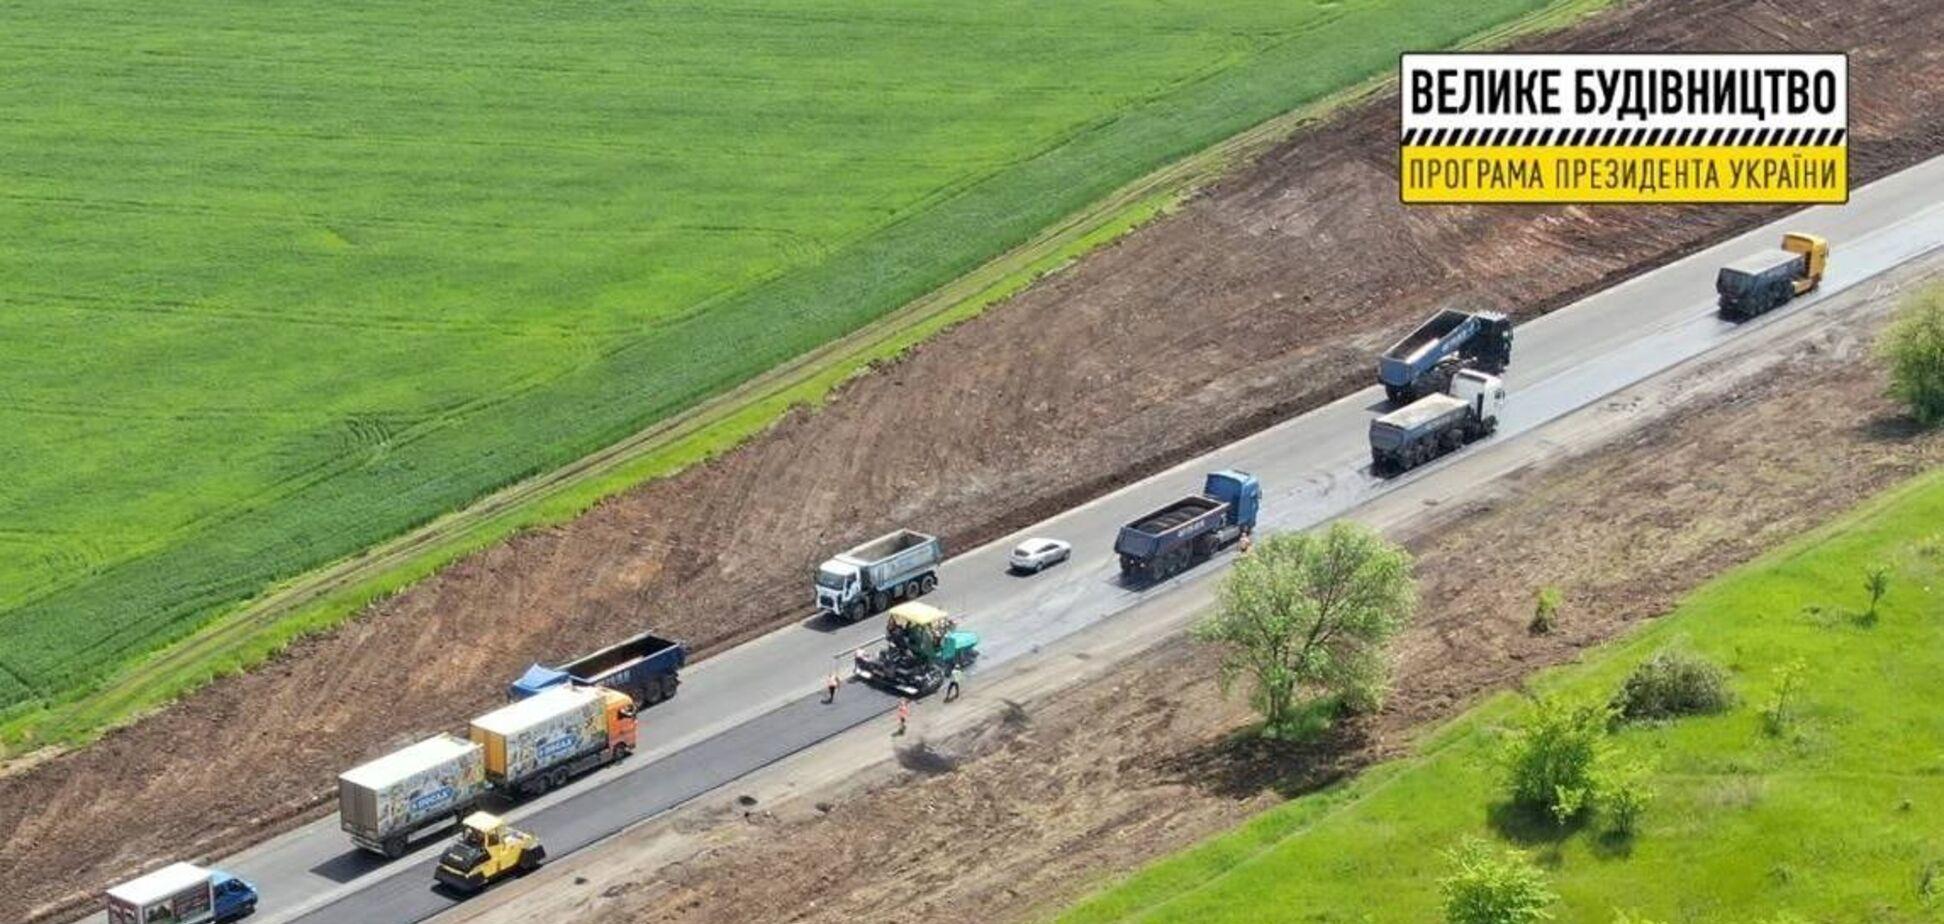 Тривають масштабні дорожні роботи на окружній Харкова